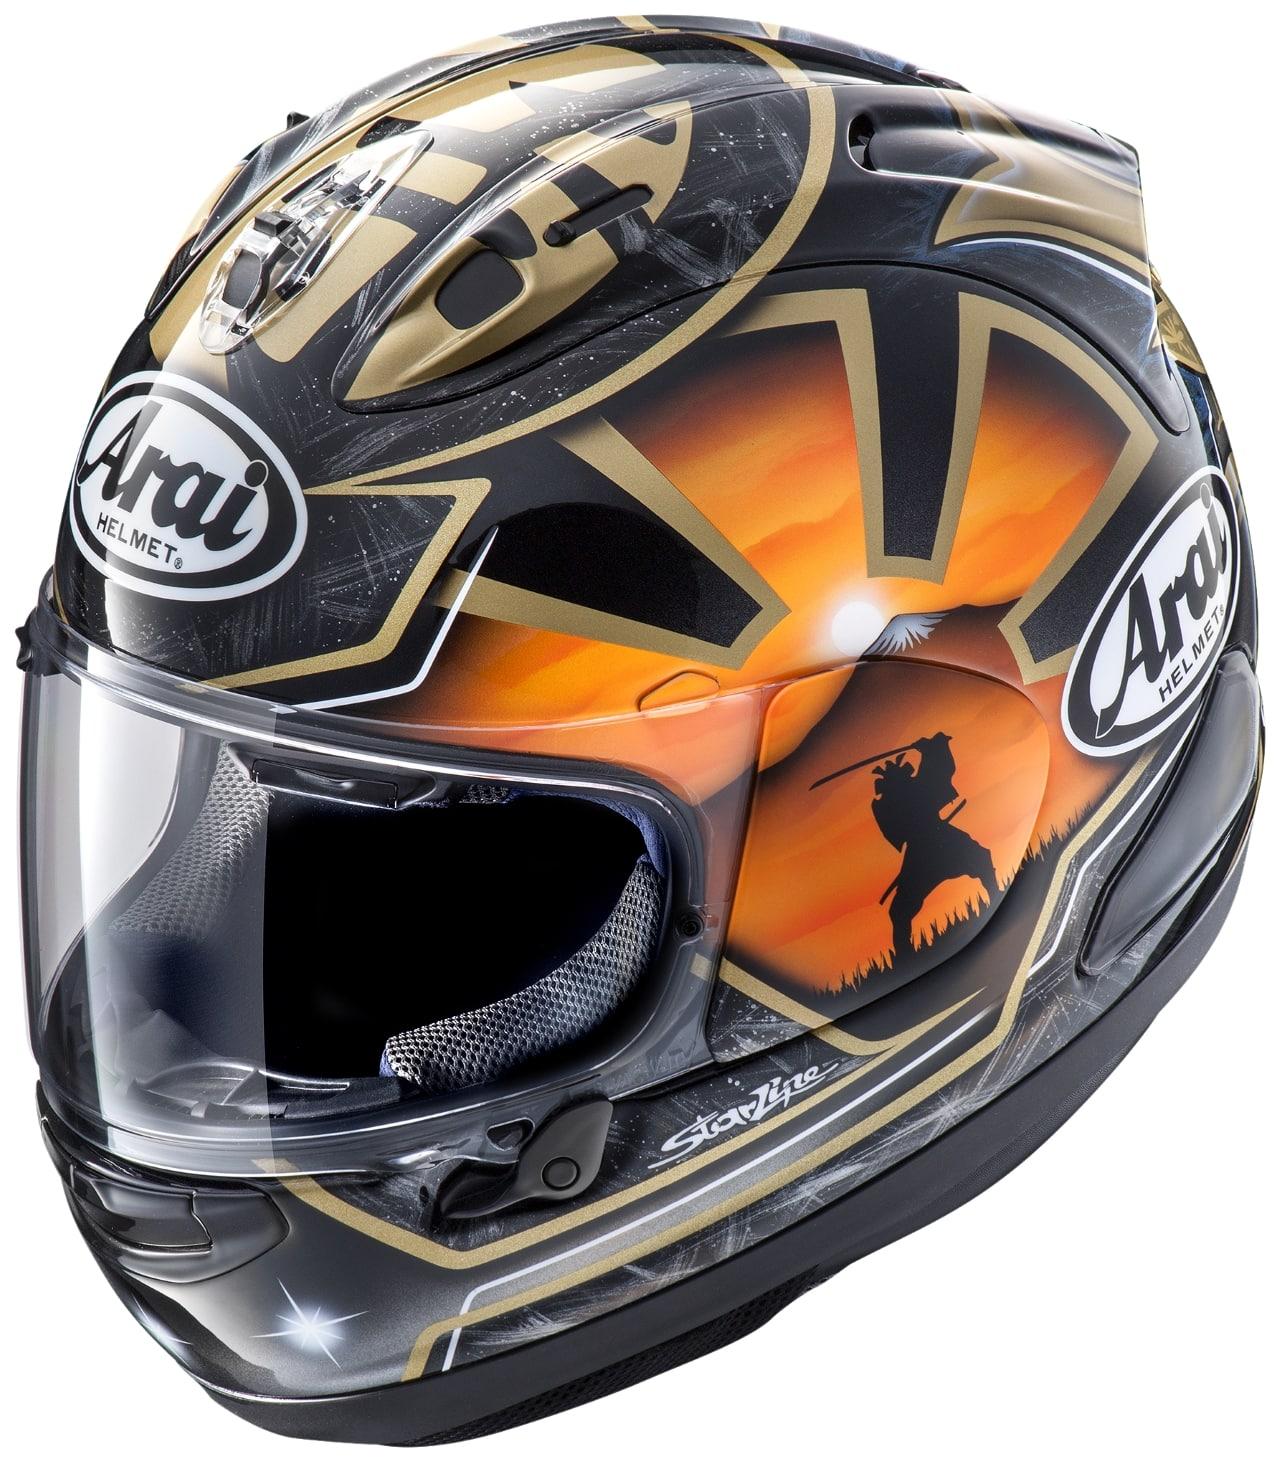 RX-7X PEDROSA SAMURAI SPIRIT Helmet